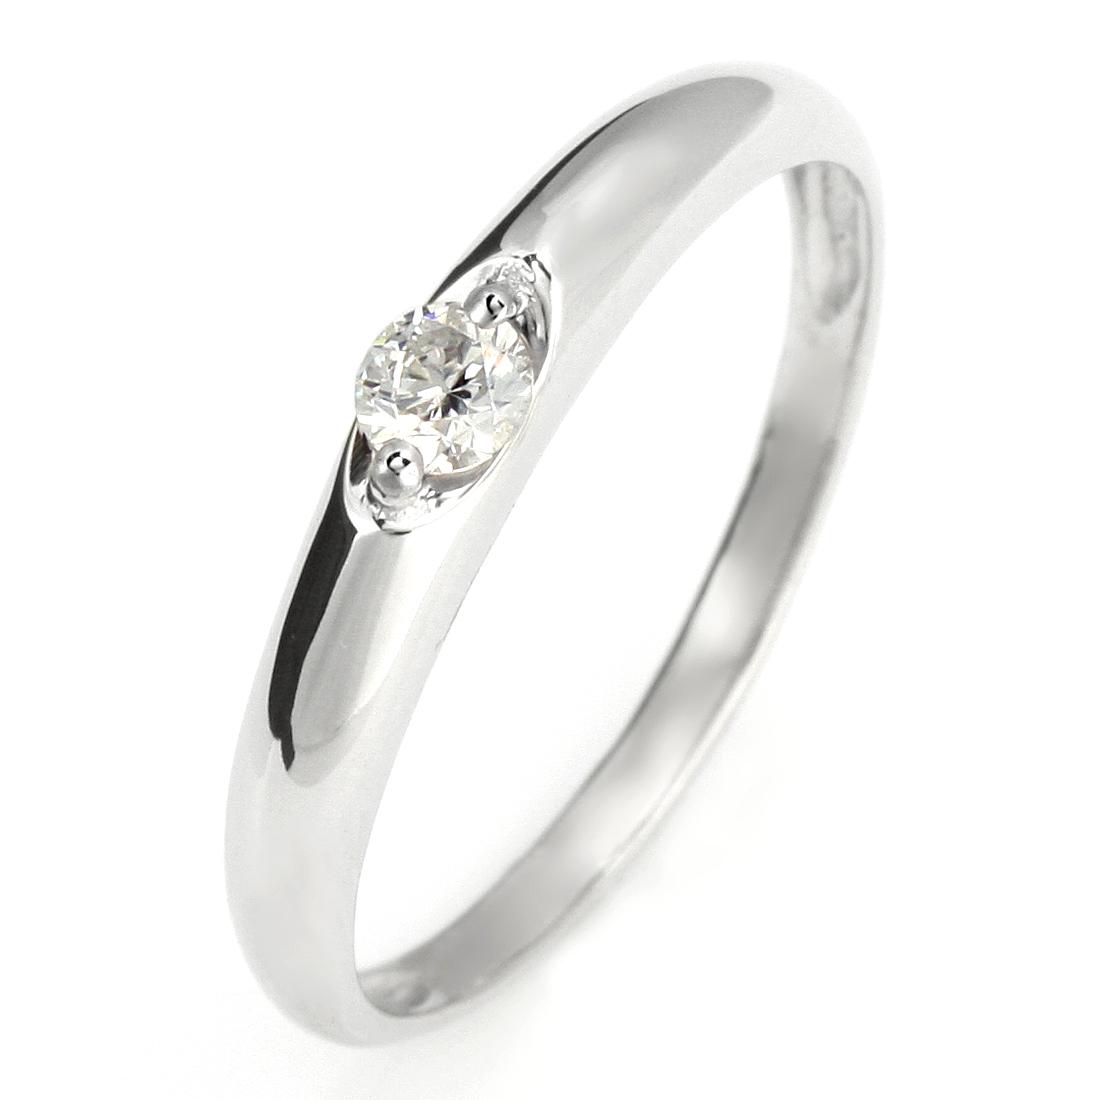 ペアリング 結婚指輪 マリッジリング ダイヤモンド -QP【あす楽対応!!】